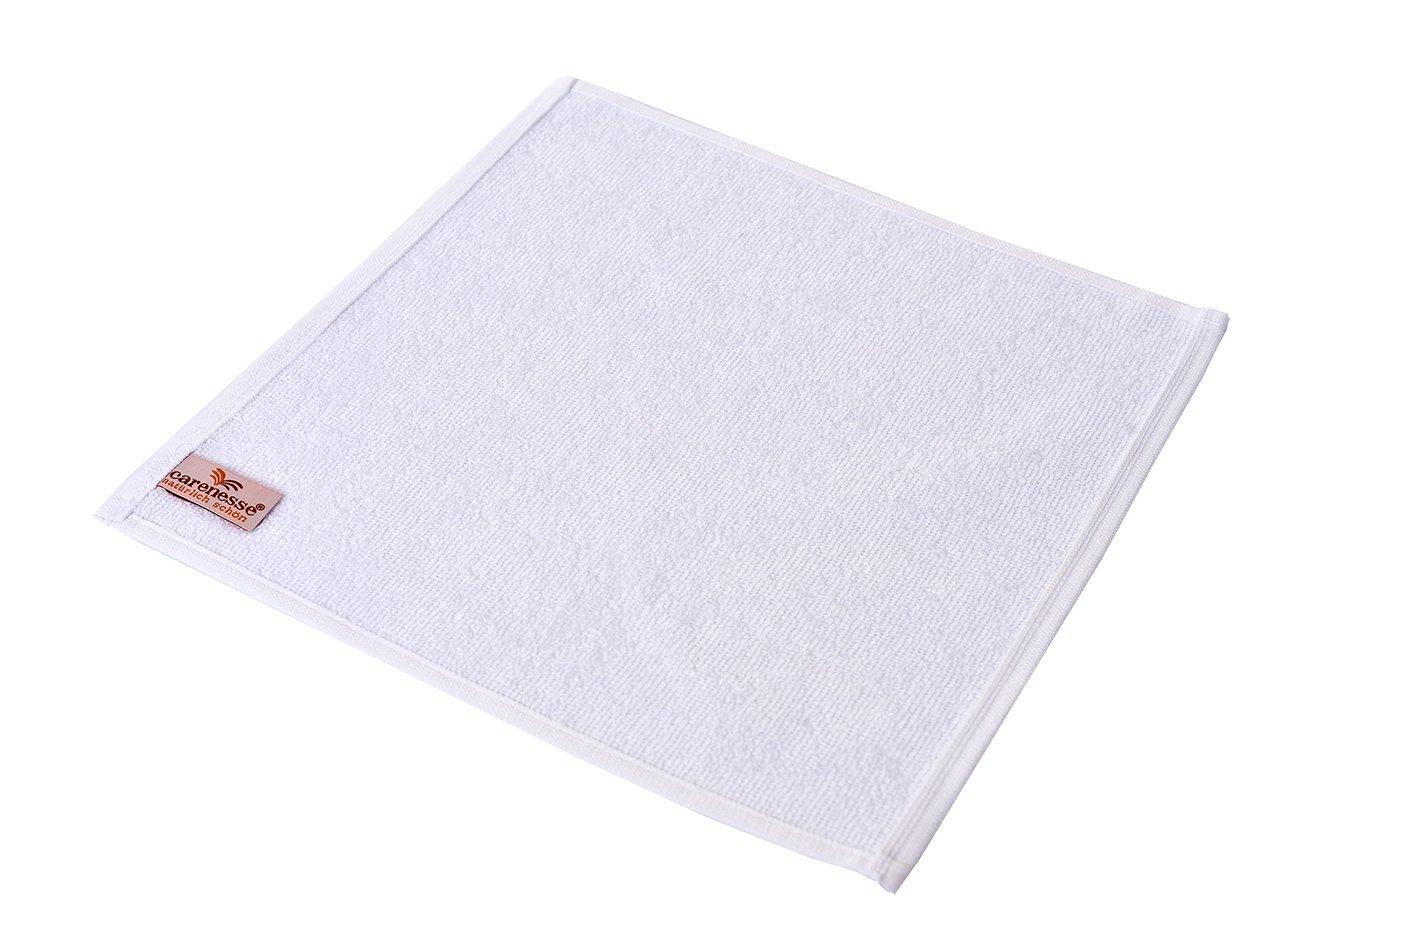 Carenesse Set Salvietta da 6, 30 x 30 cm, qualità premium, 100% cotone, bianco, guanto da bagno